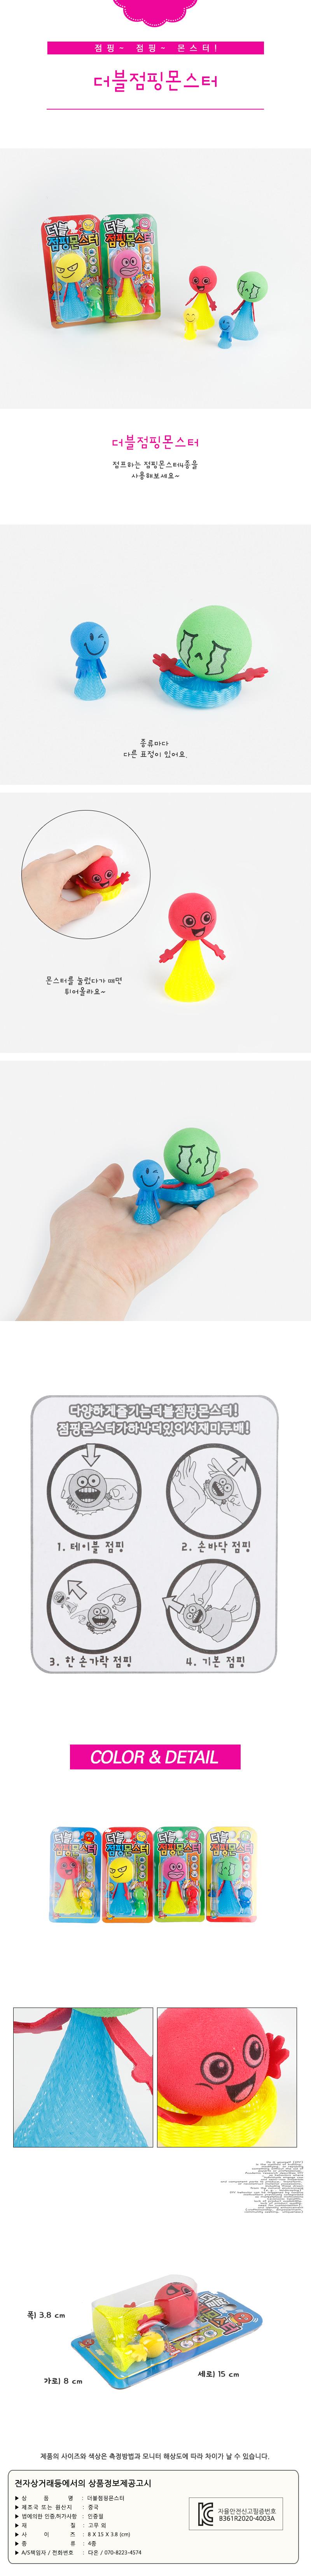 더블점핑몬스터 색상랜덤 - 아토, 1,000원, 아이디어 상품, 아이디어 상품